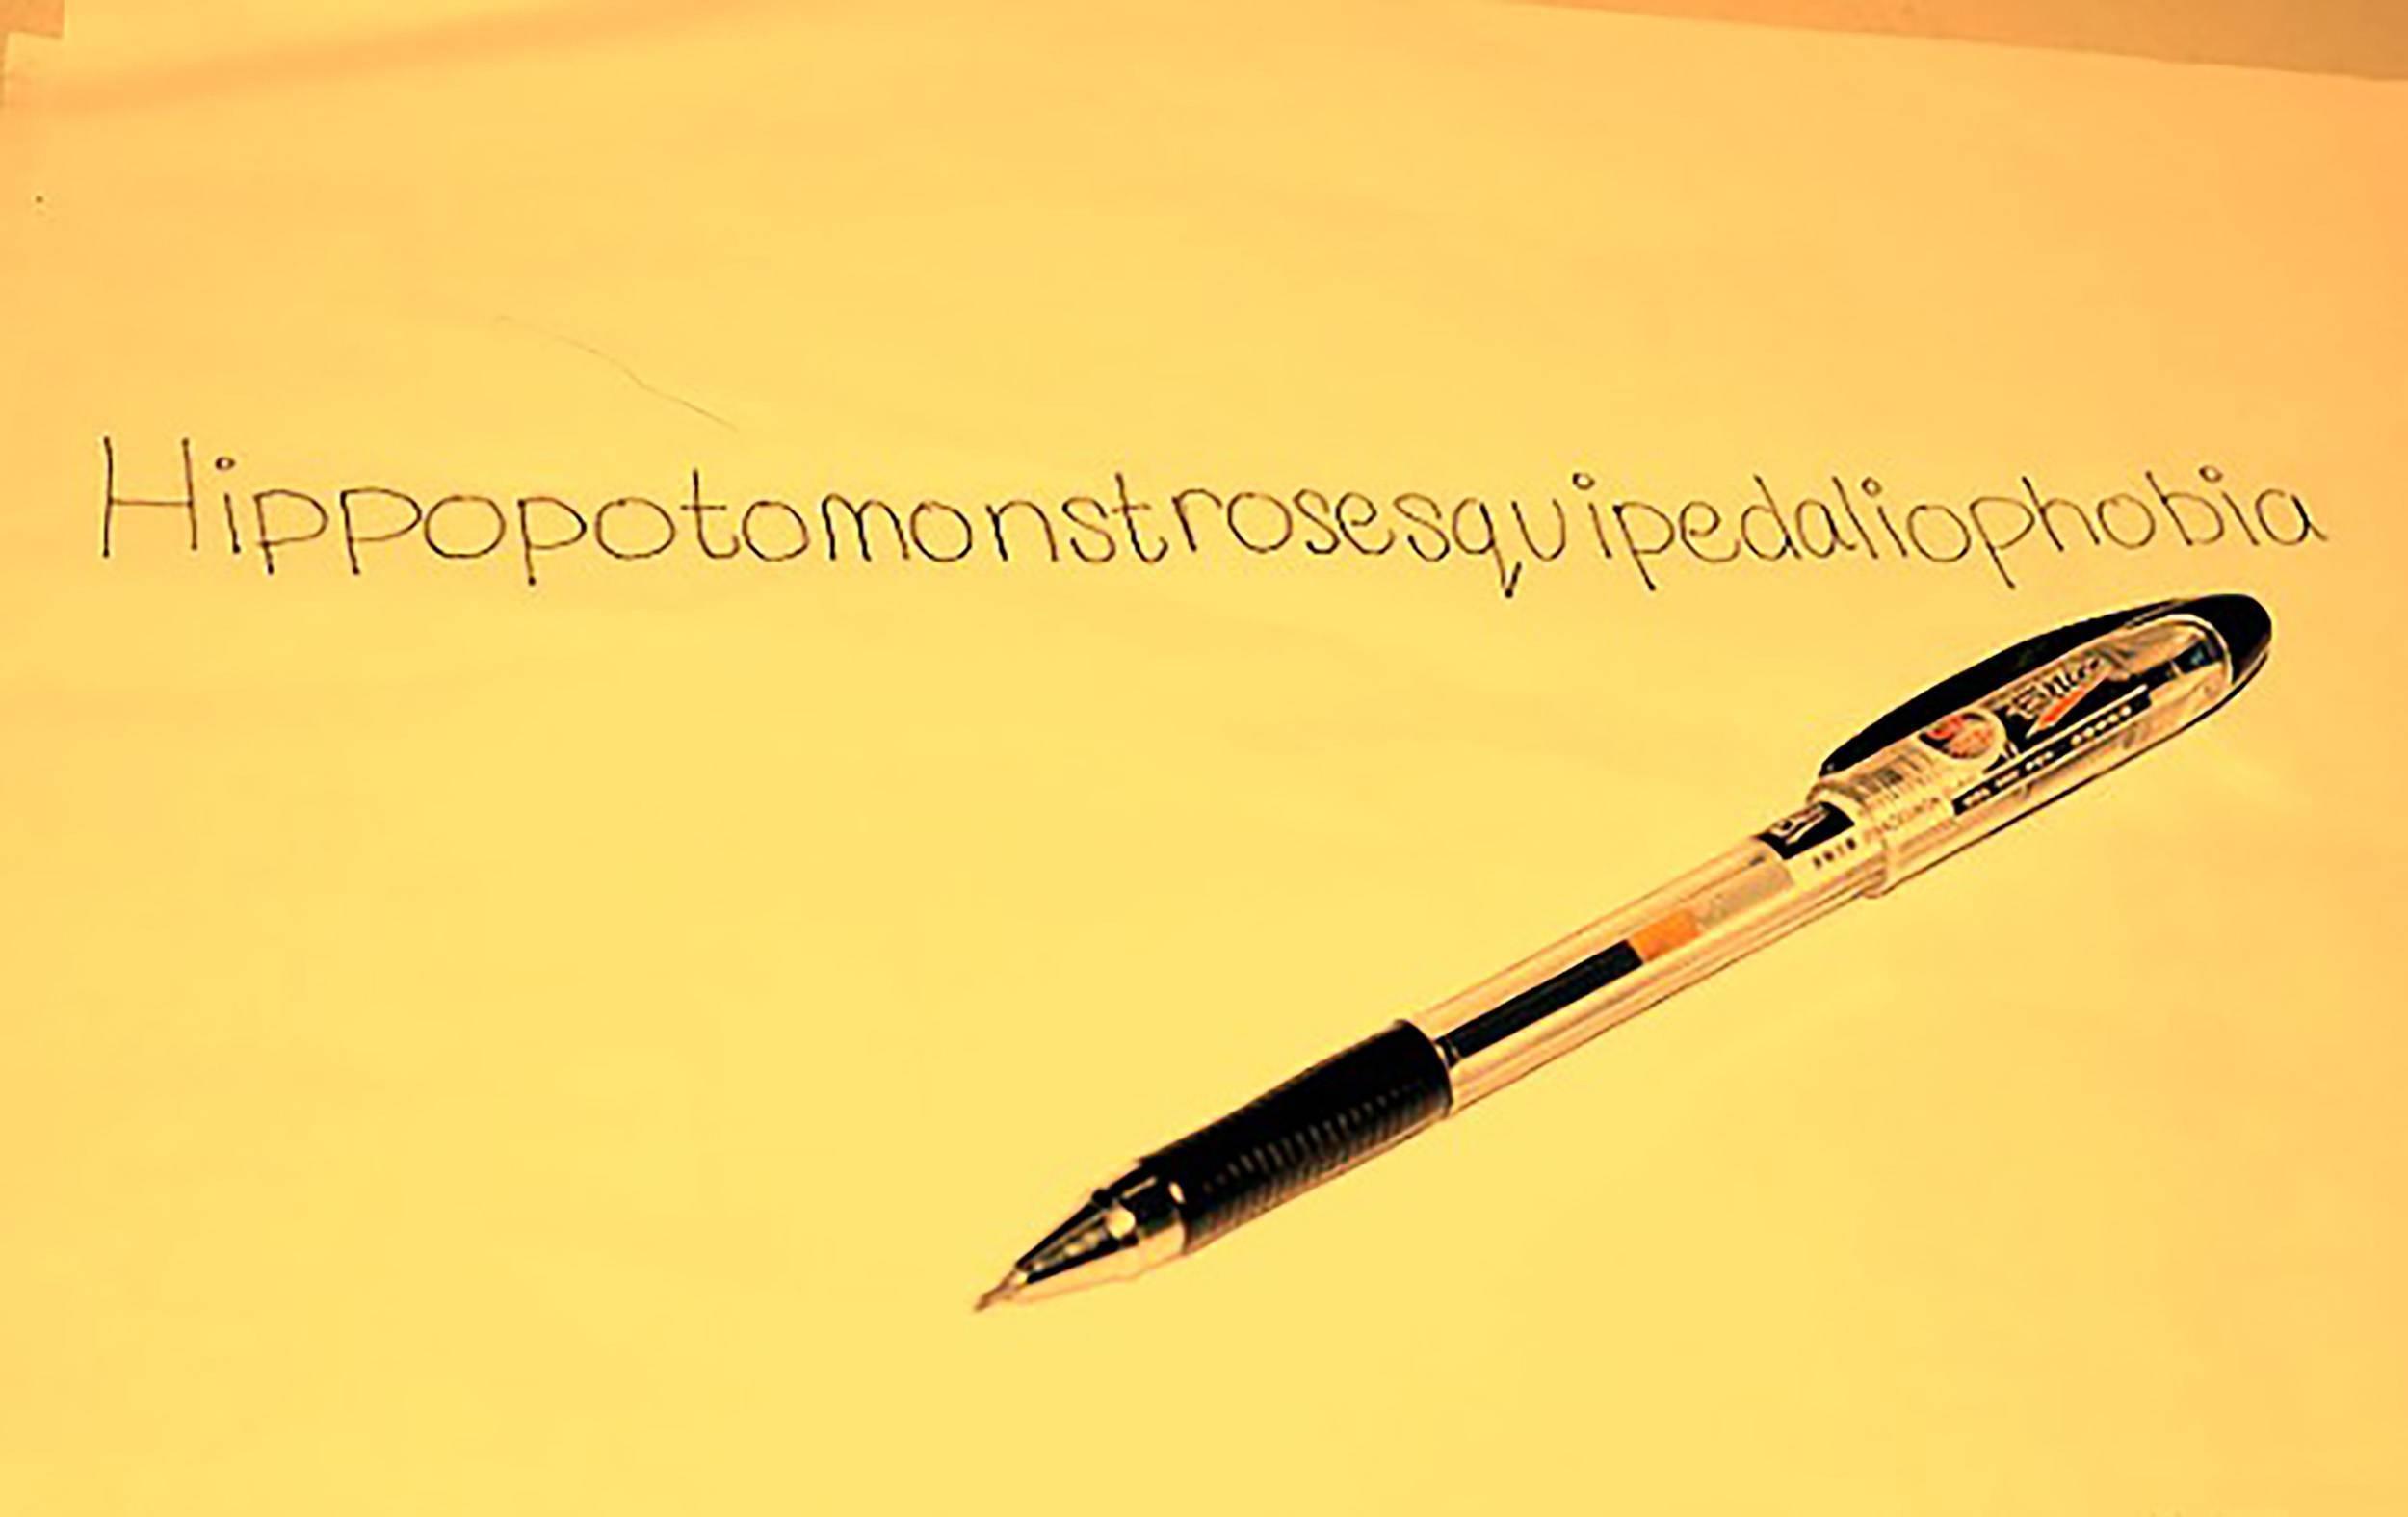 Причины боязни длинных слов: почему называется гиппопотомонстросесквипедалиофобия